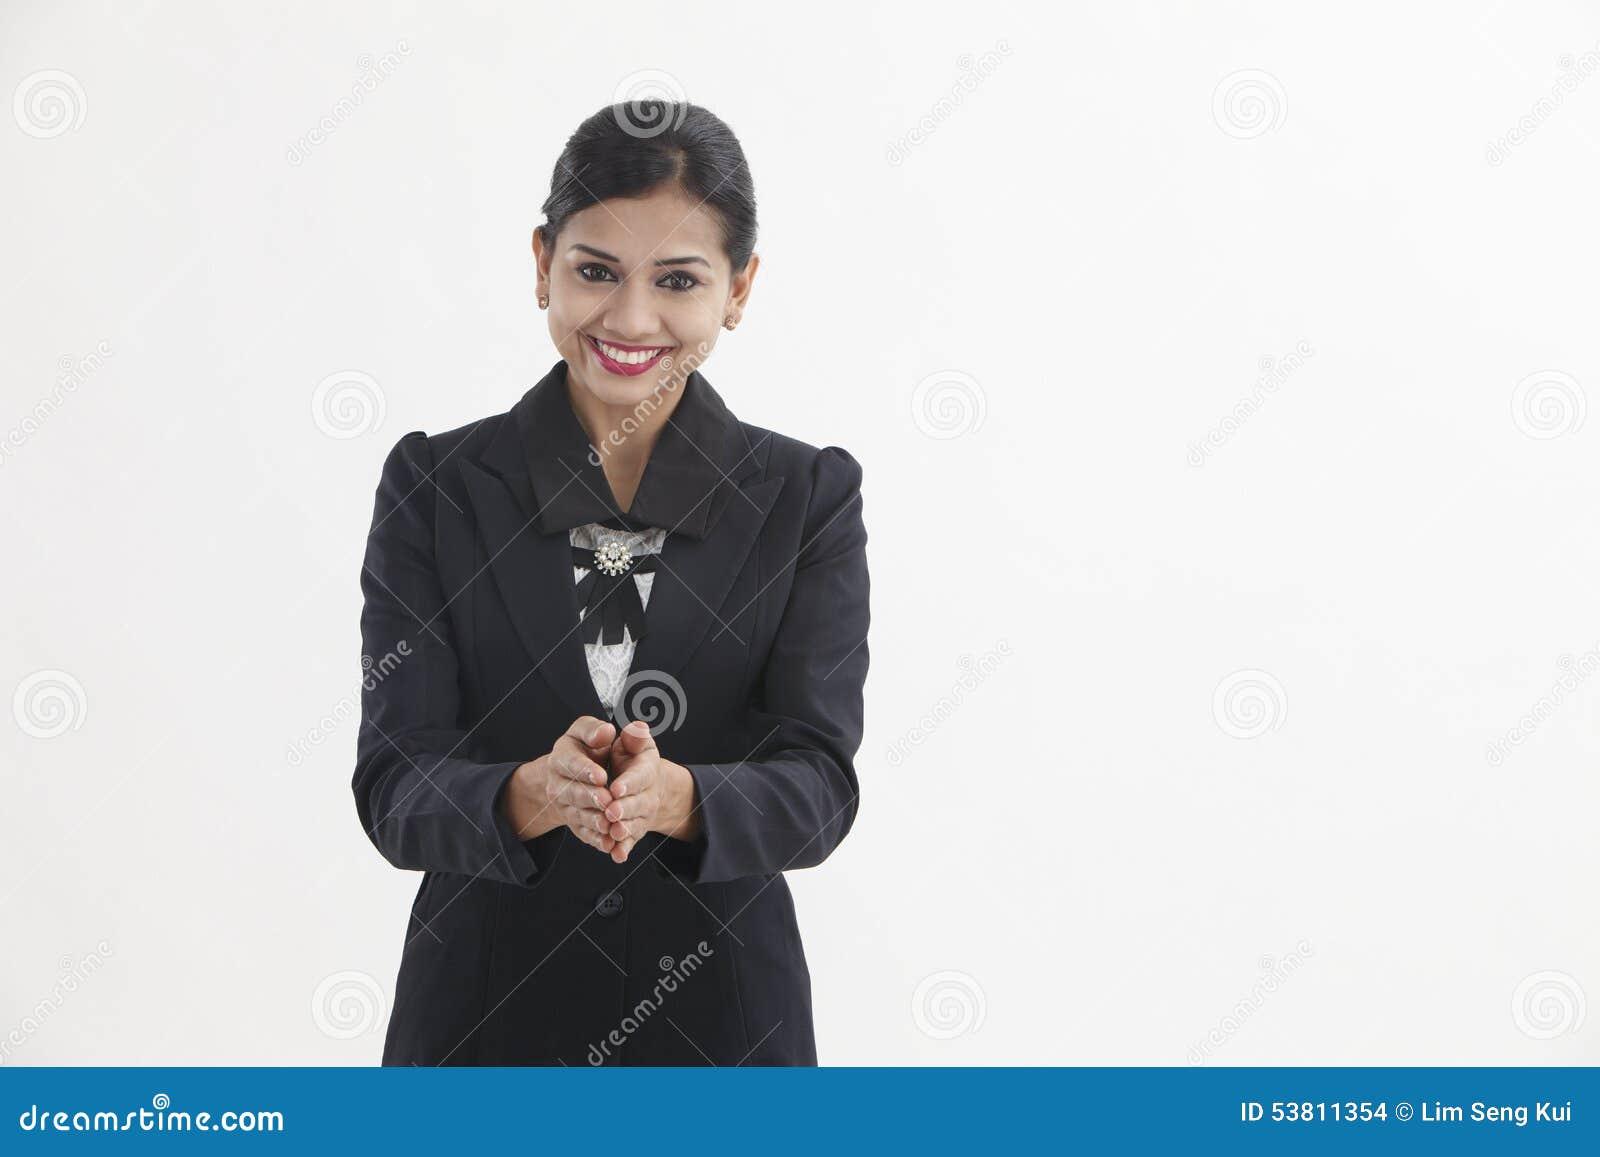 Imagens De Cumprimento: Cumprimento Da Mulher Foto De Stock